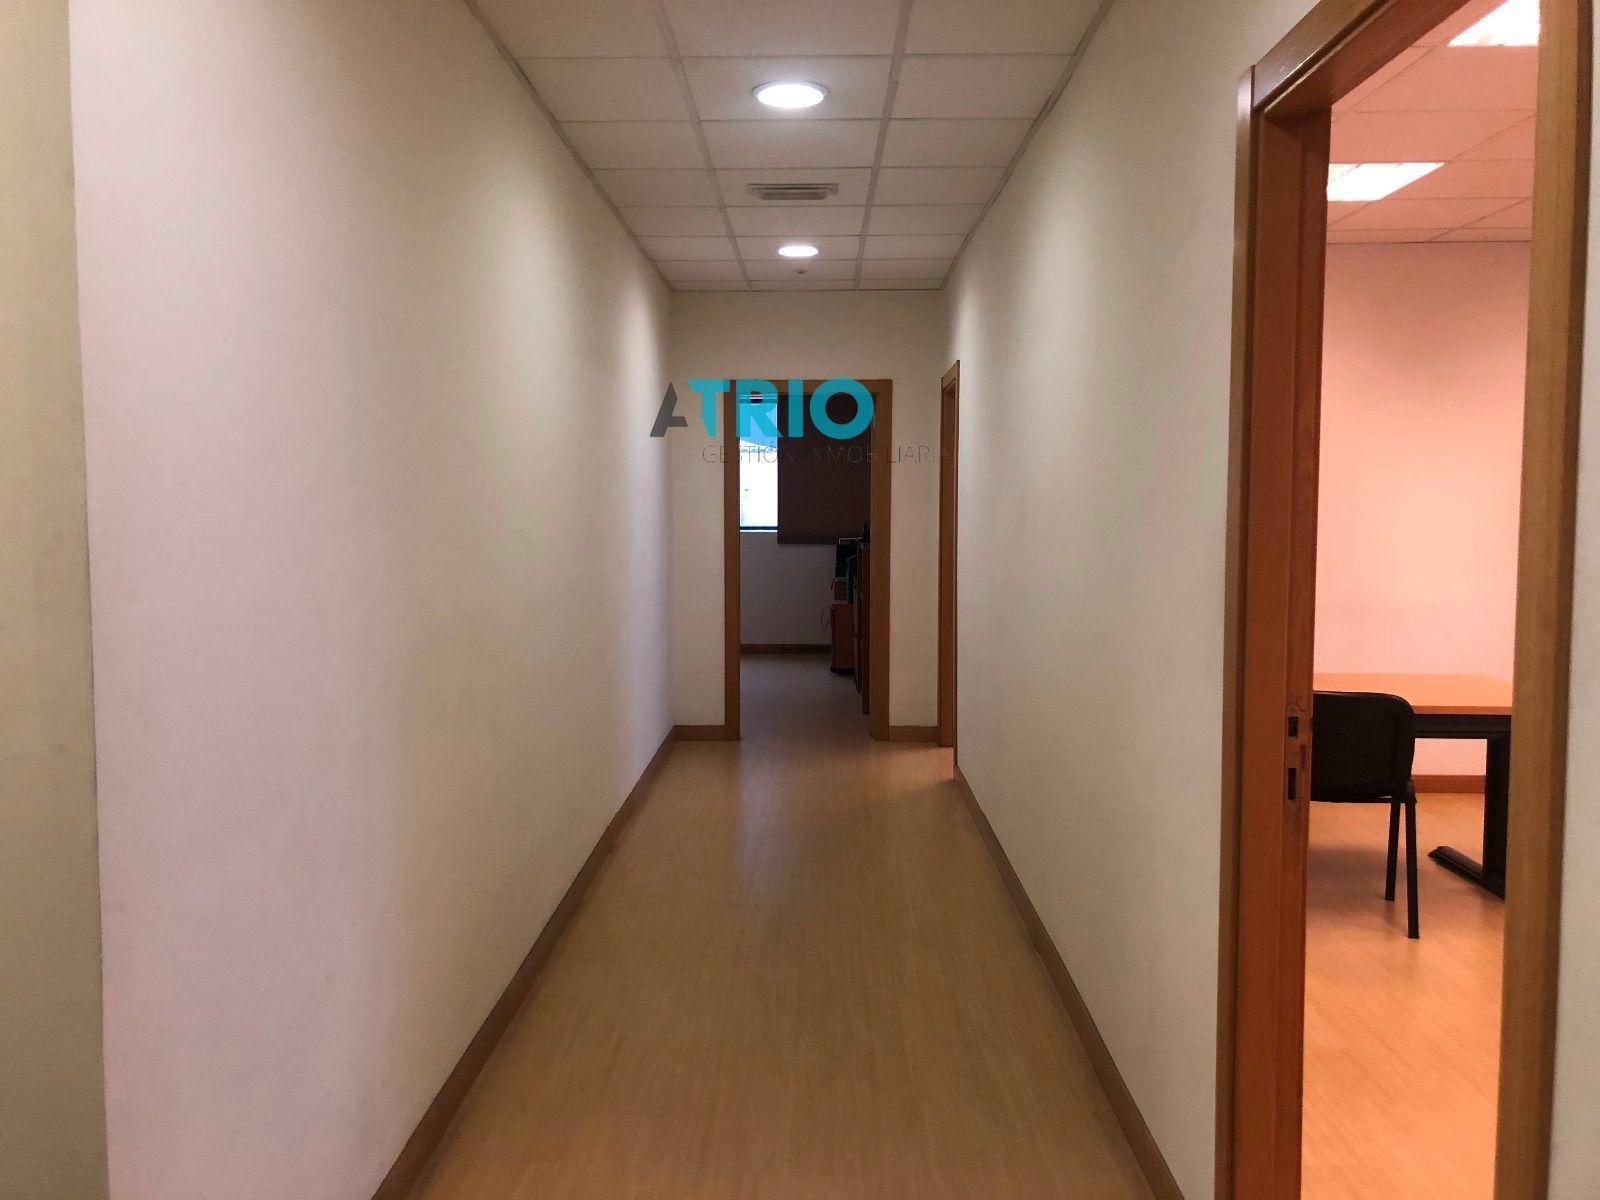 dia.mobiliagestion.es/Portals/inmoatrio/Images/7230/5886877